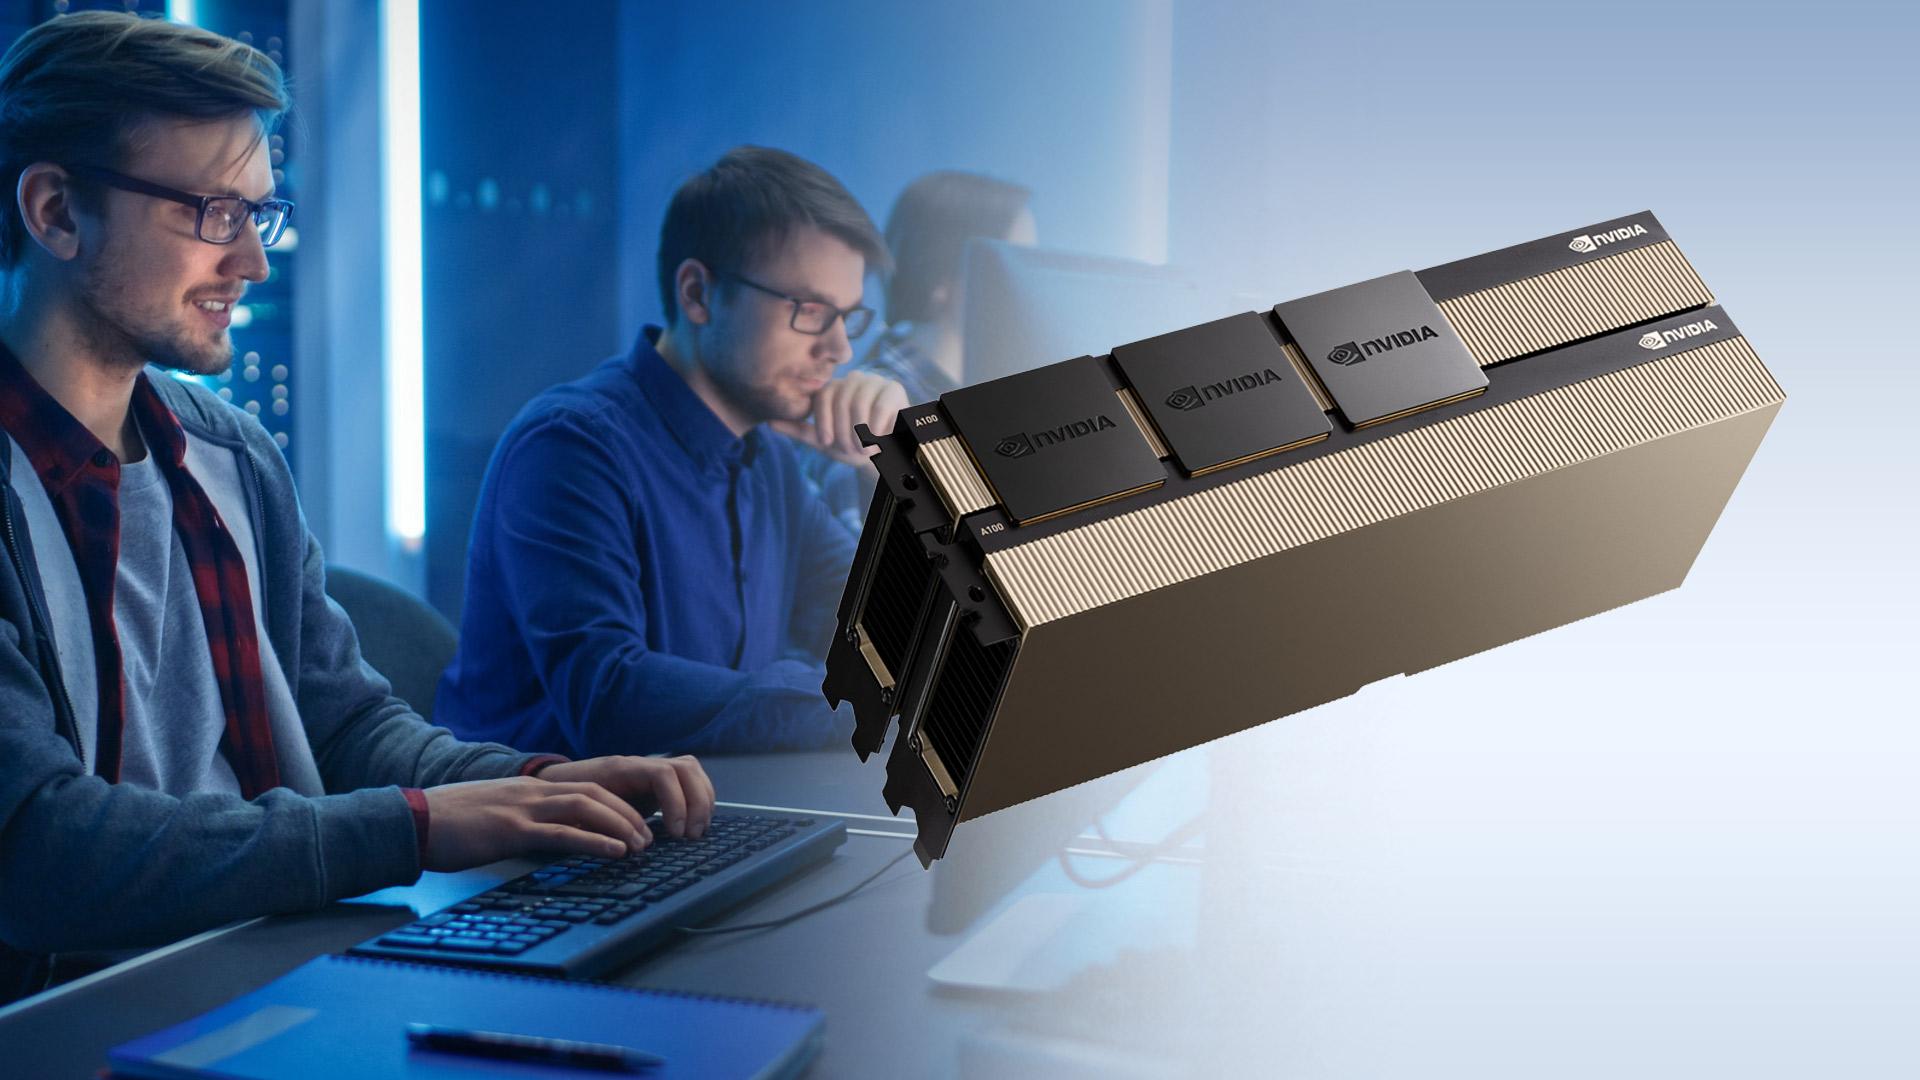 NVIDIA Data Center GPUs